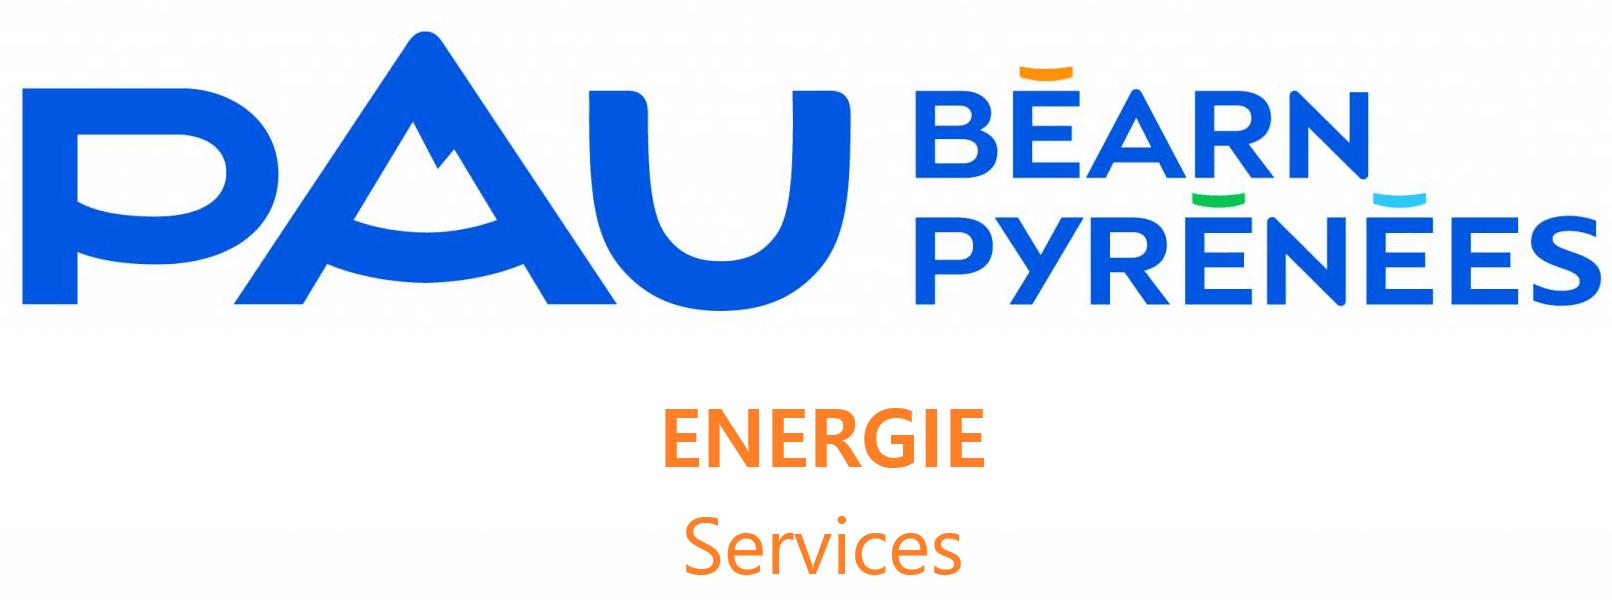 Pau Béarn Pyrénées Energie services